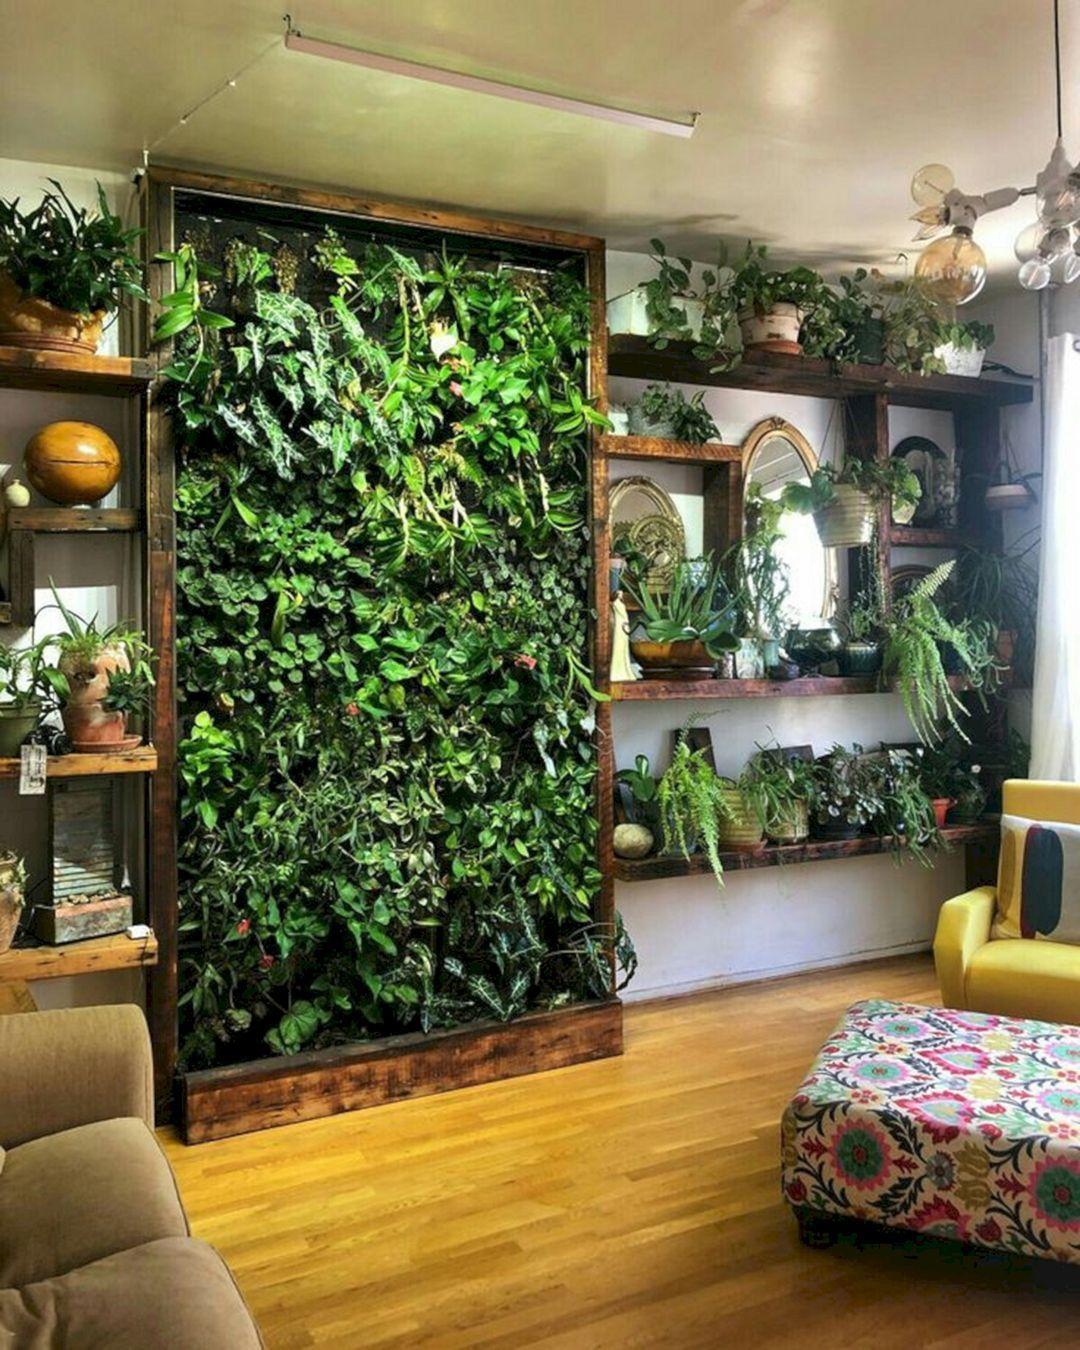 12 Diy Indoor Gardening Ideas Thing To Remember When You Want To Begin An Indoor Garden Is That In 2020 Room With Plants Vertical Garden Indoor Vertical Garden Wall